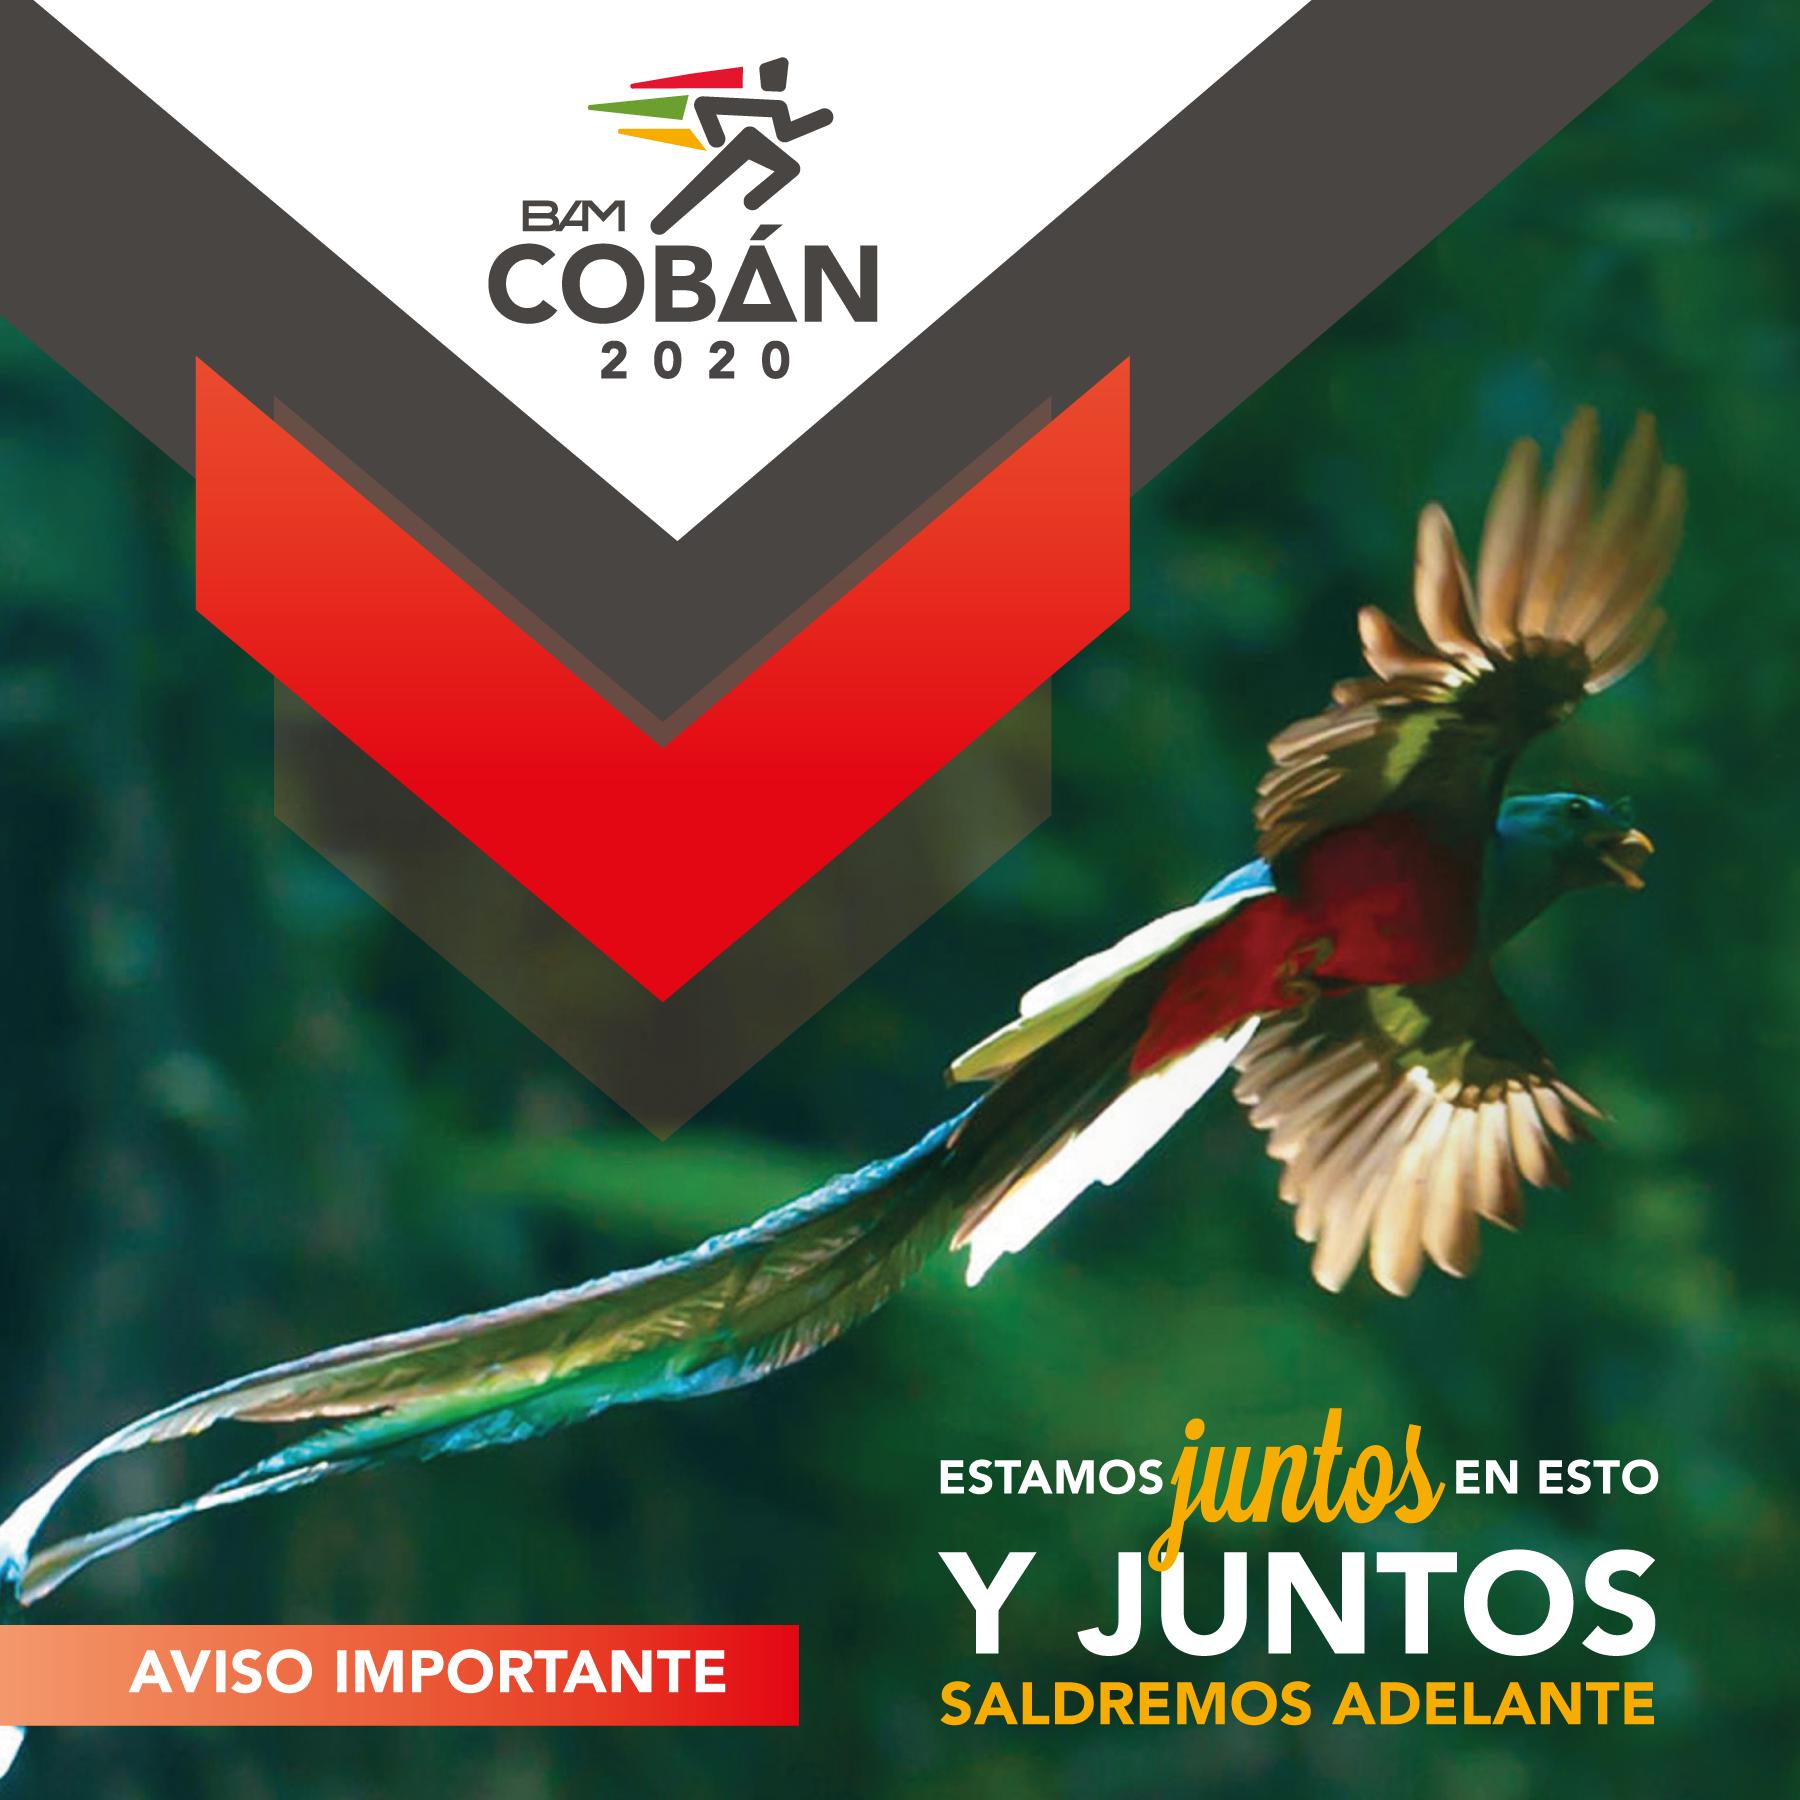 COMUNICADO OFICIAL MEDIO MARATON INTERNACIONAL DE COBAN